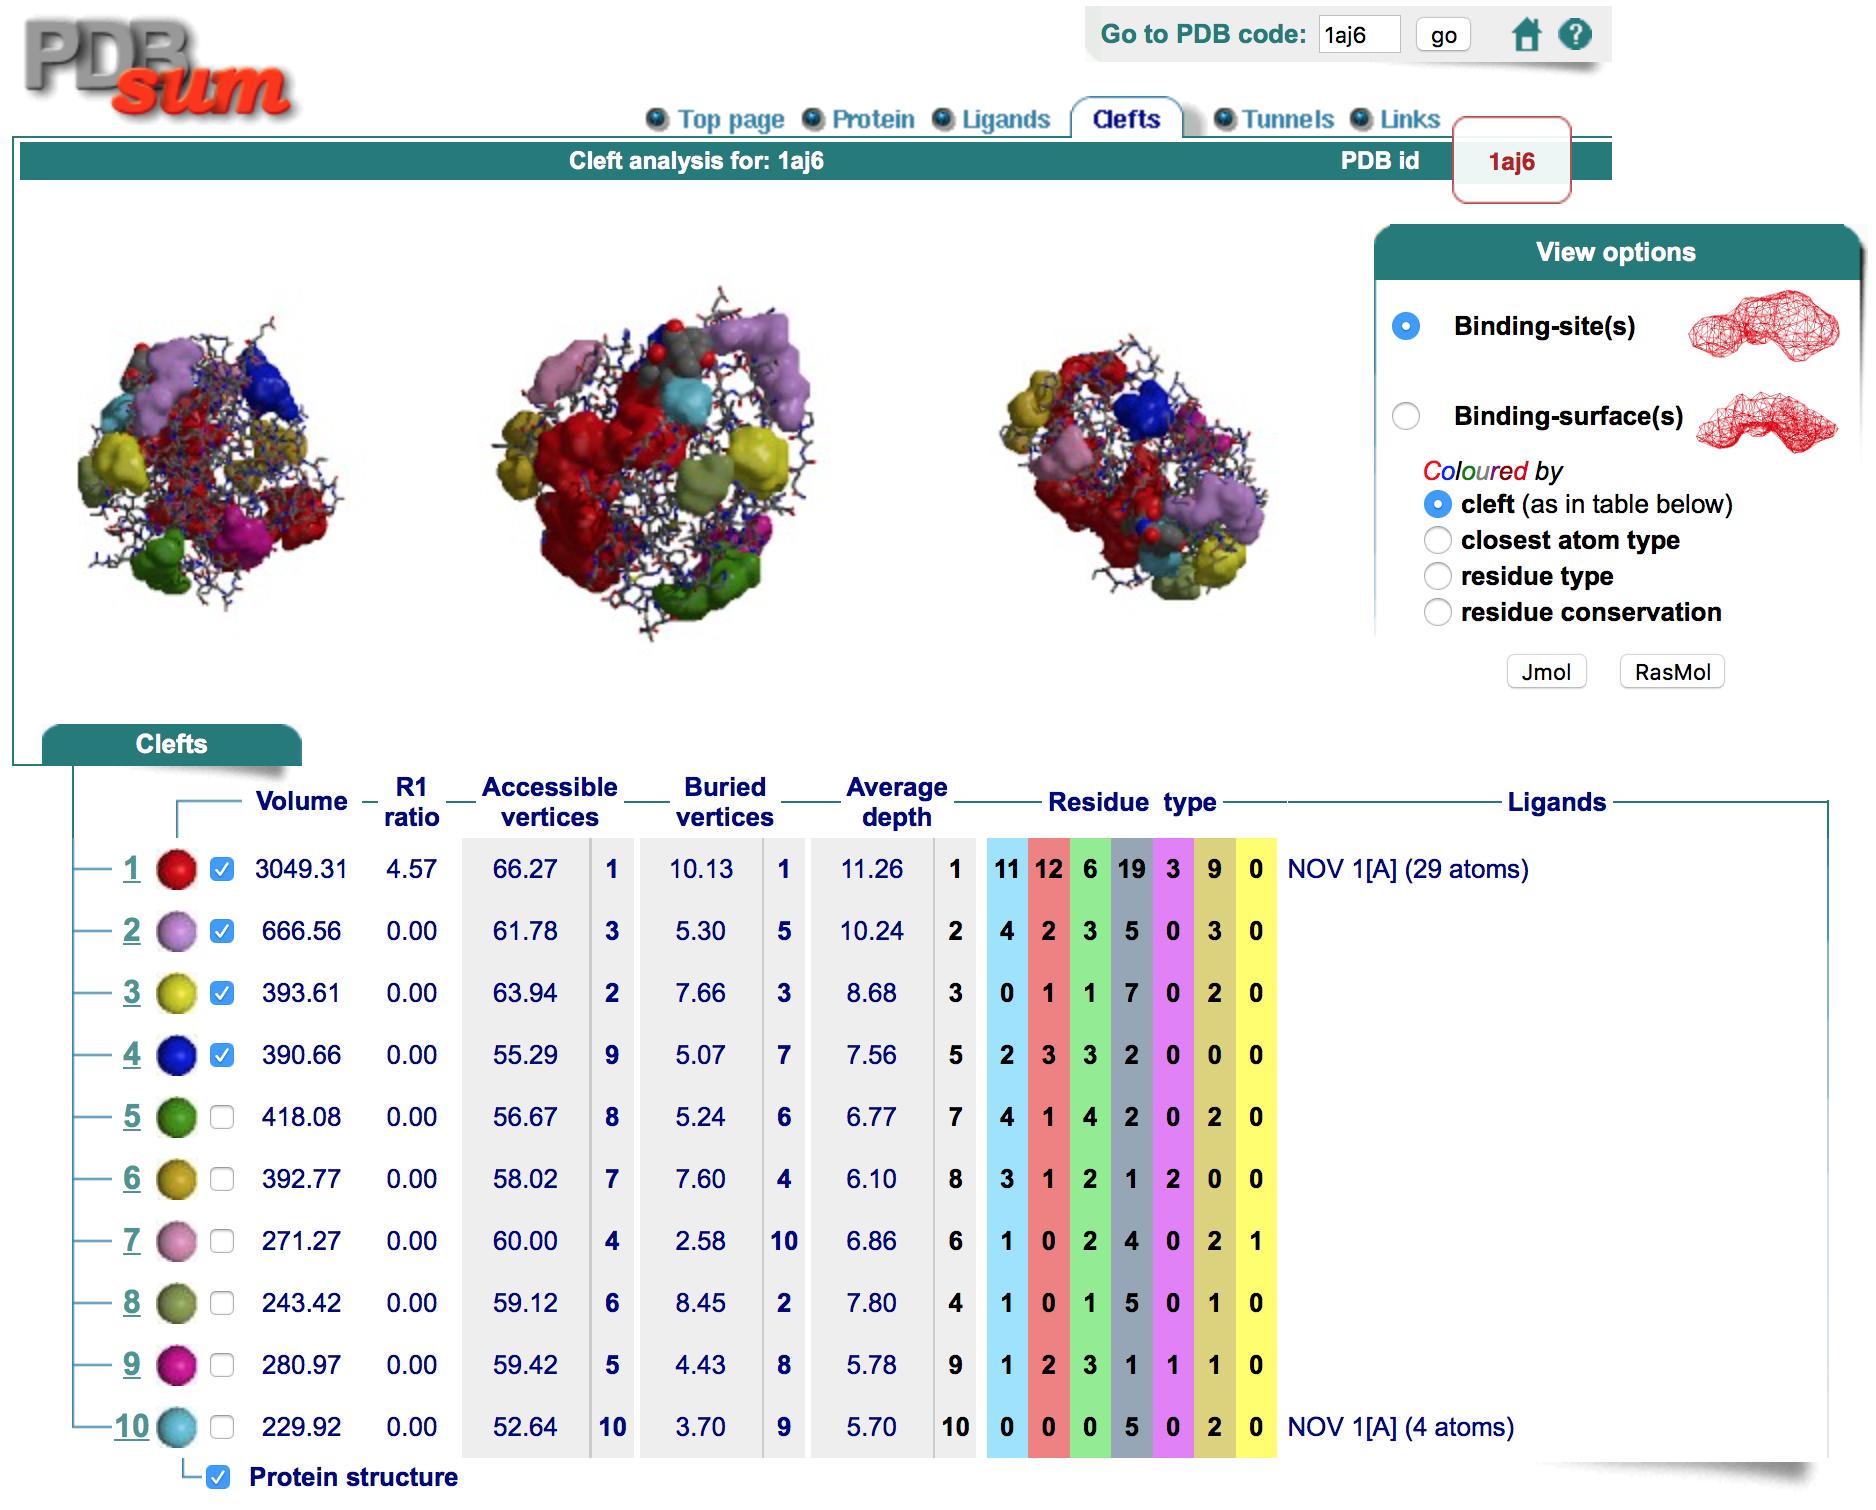 1aj6-clefts-example.jpg